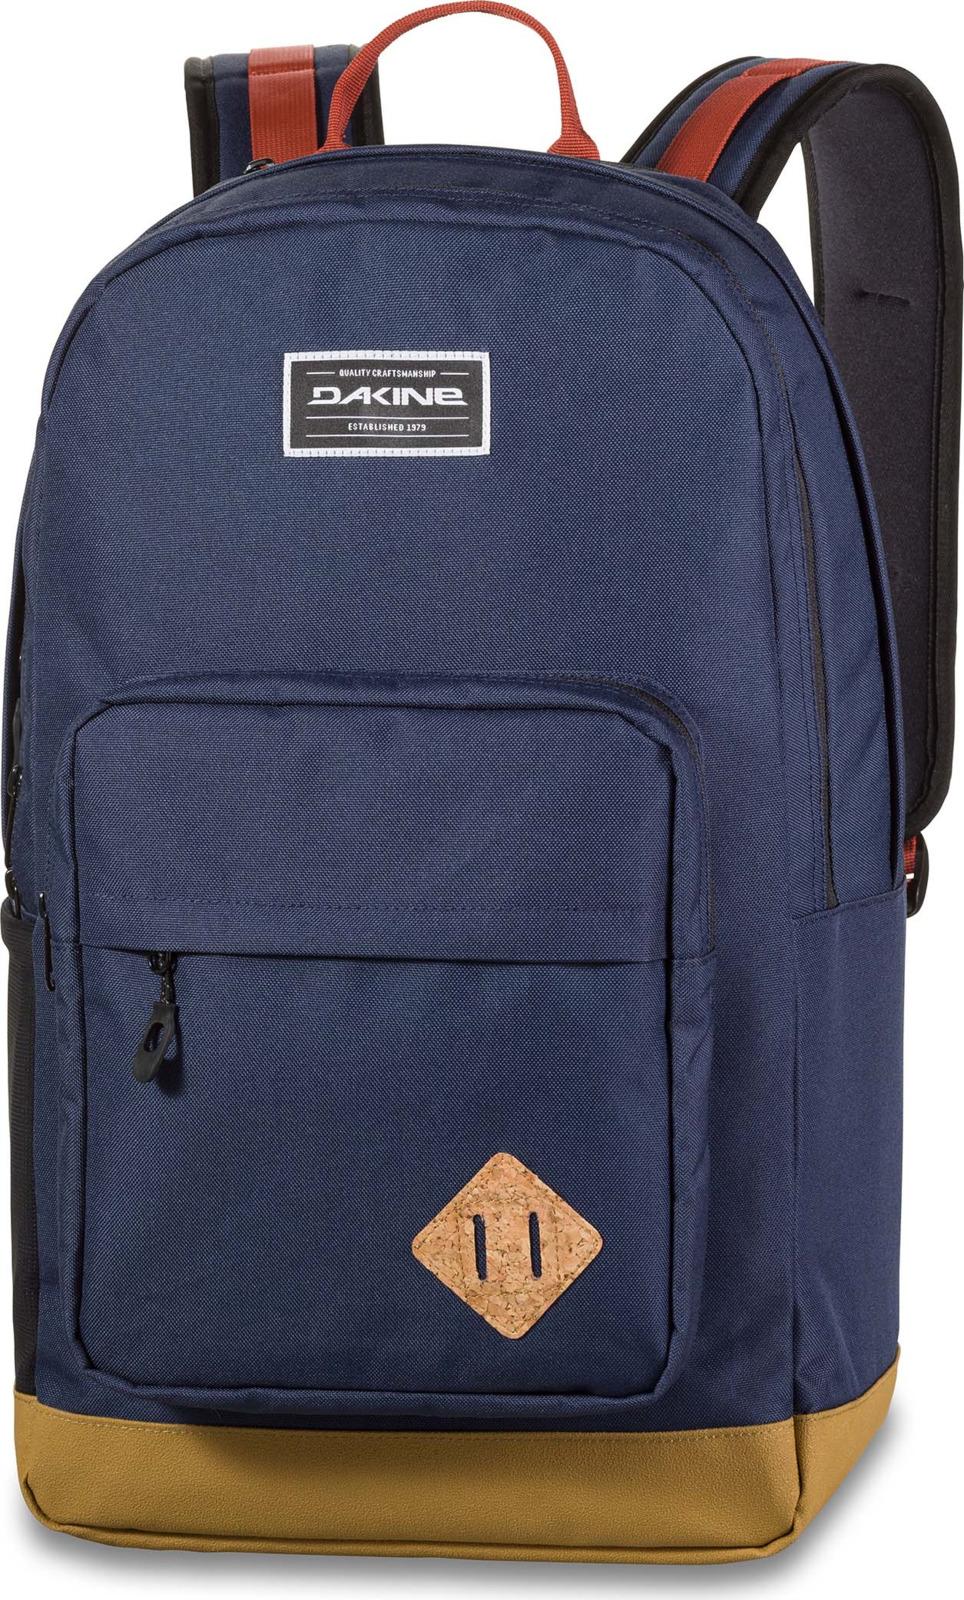 664efeb44ef4 Рюкзак Dakine 365 Pack Dlx, цвет: темно-синий, 27 л